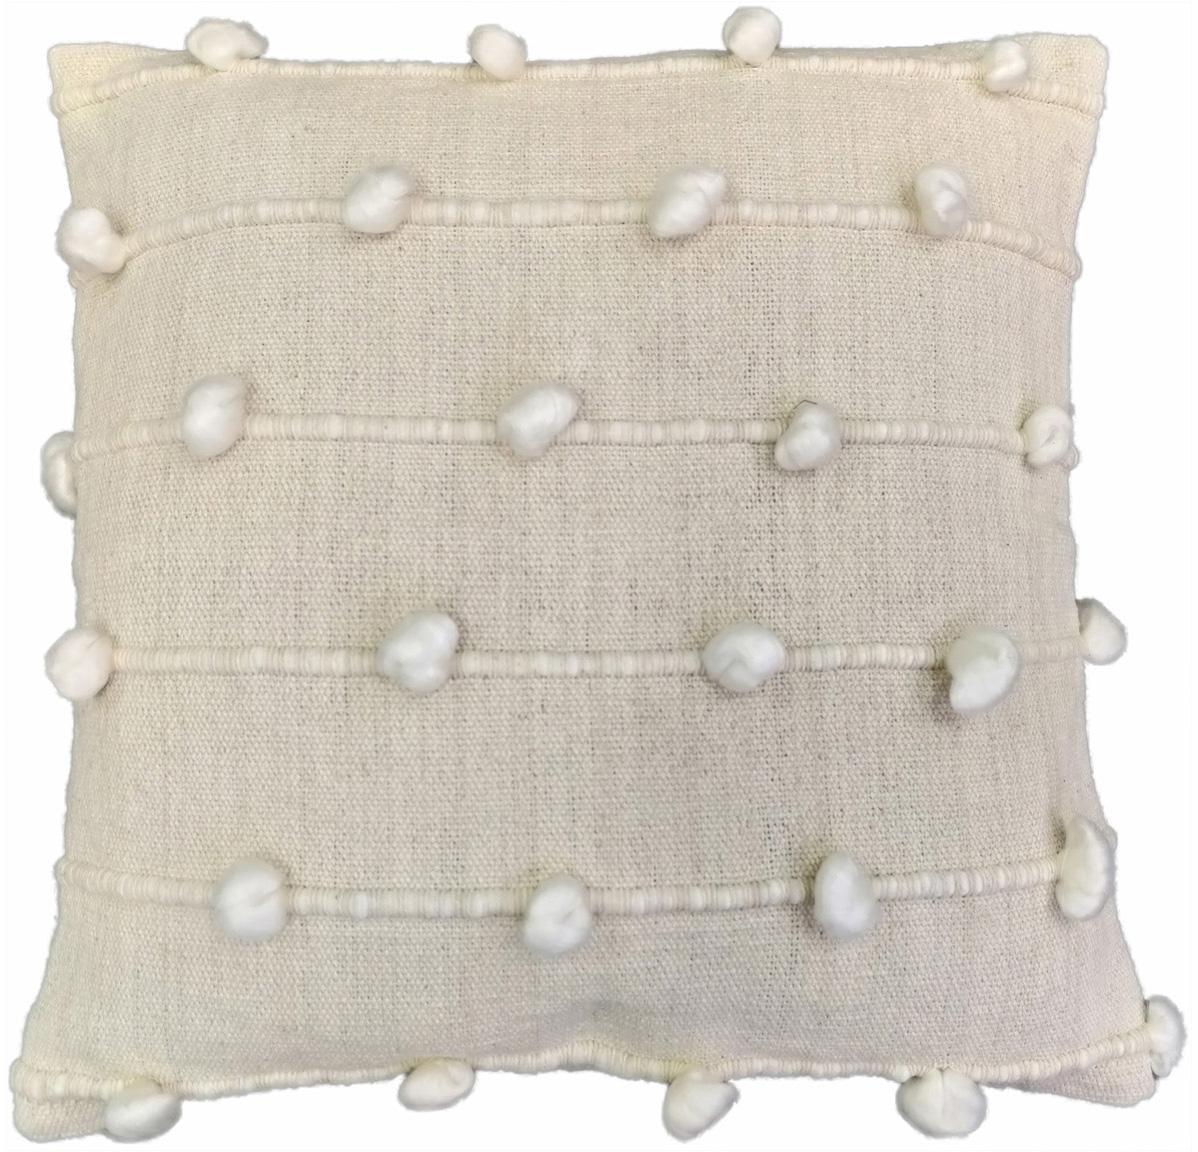 Cuscino con decori e imbottitura Bubble, Rivestimento: 100% cotone, Bianco latteo, bianco, Larg. 45 x Lung. 45 cm